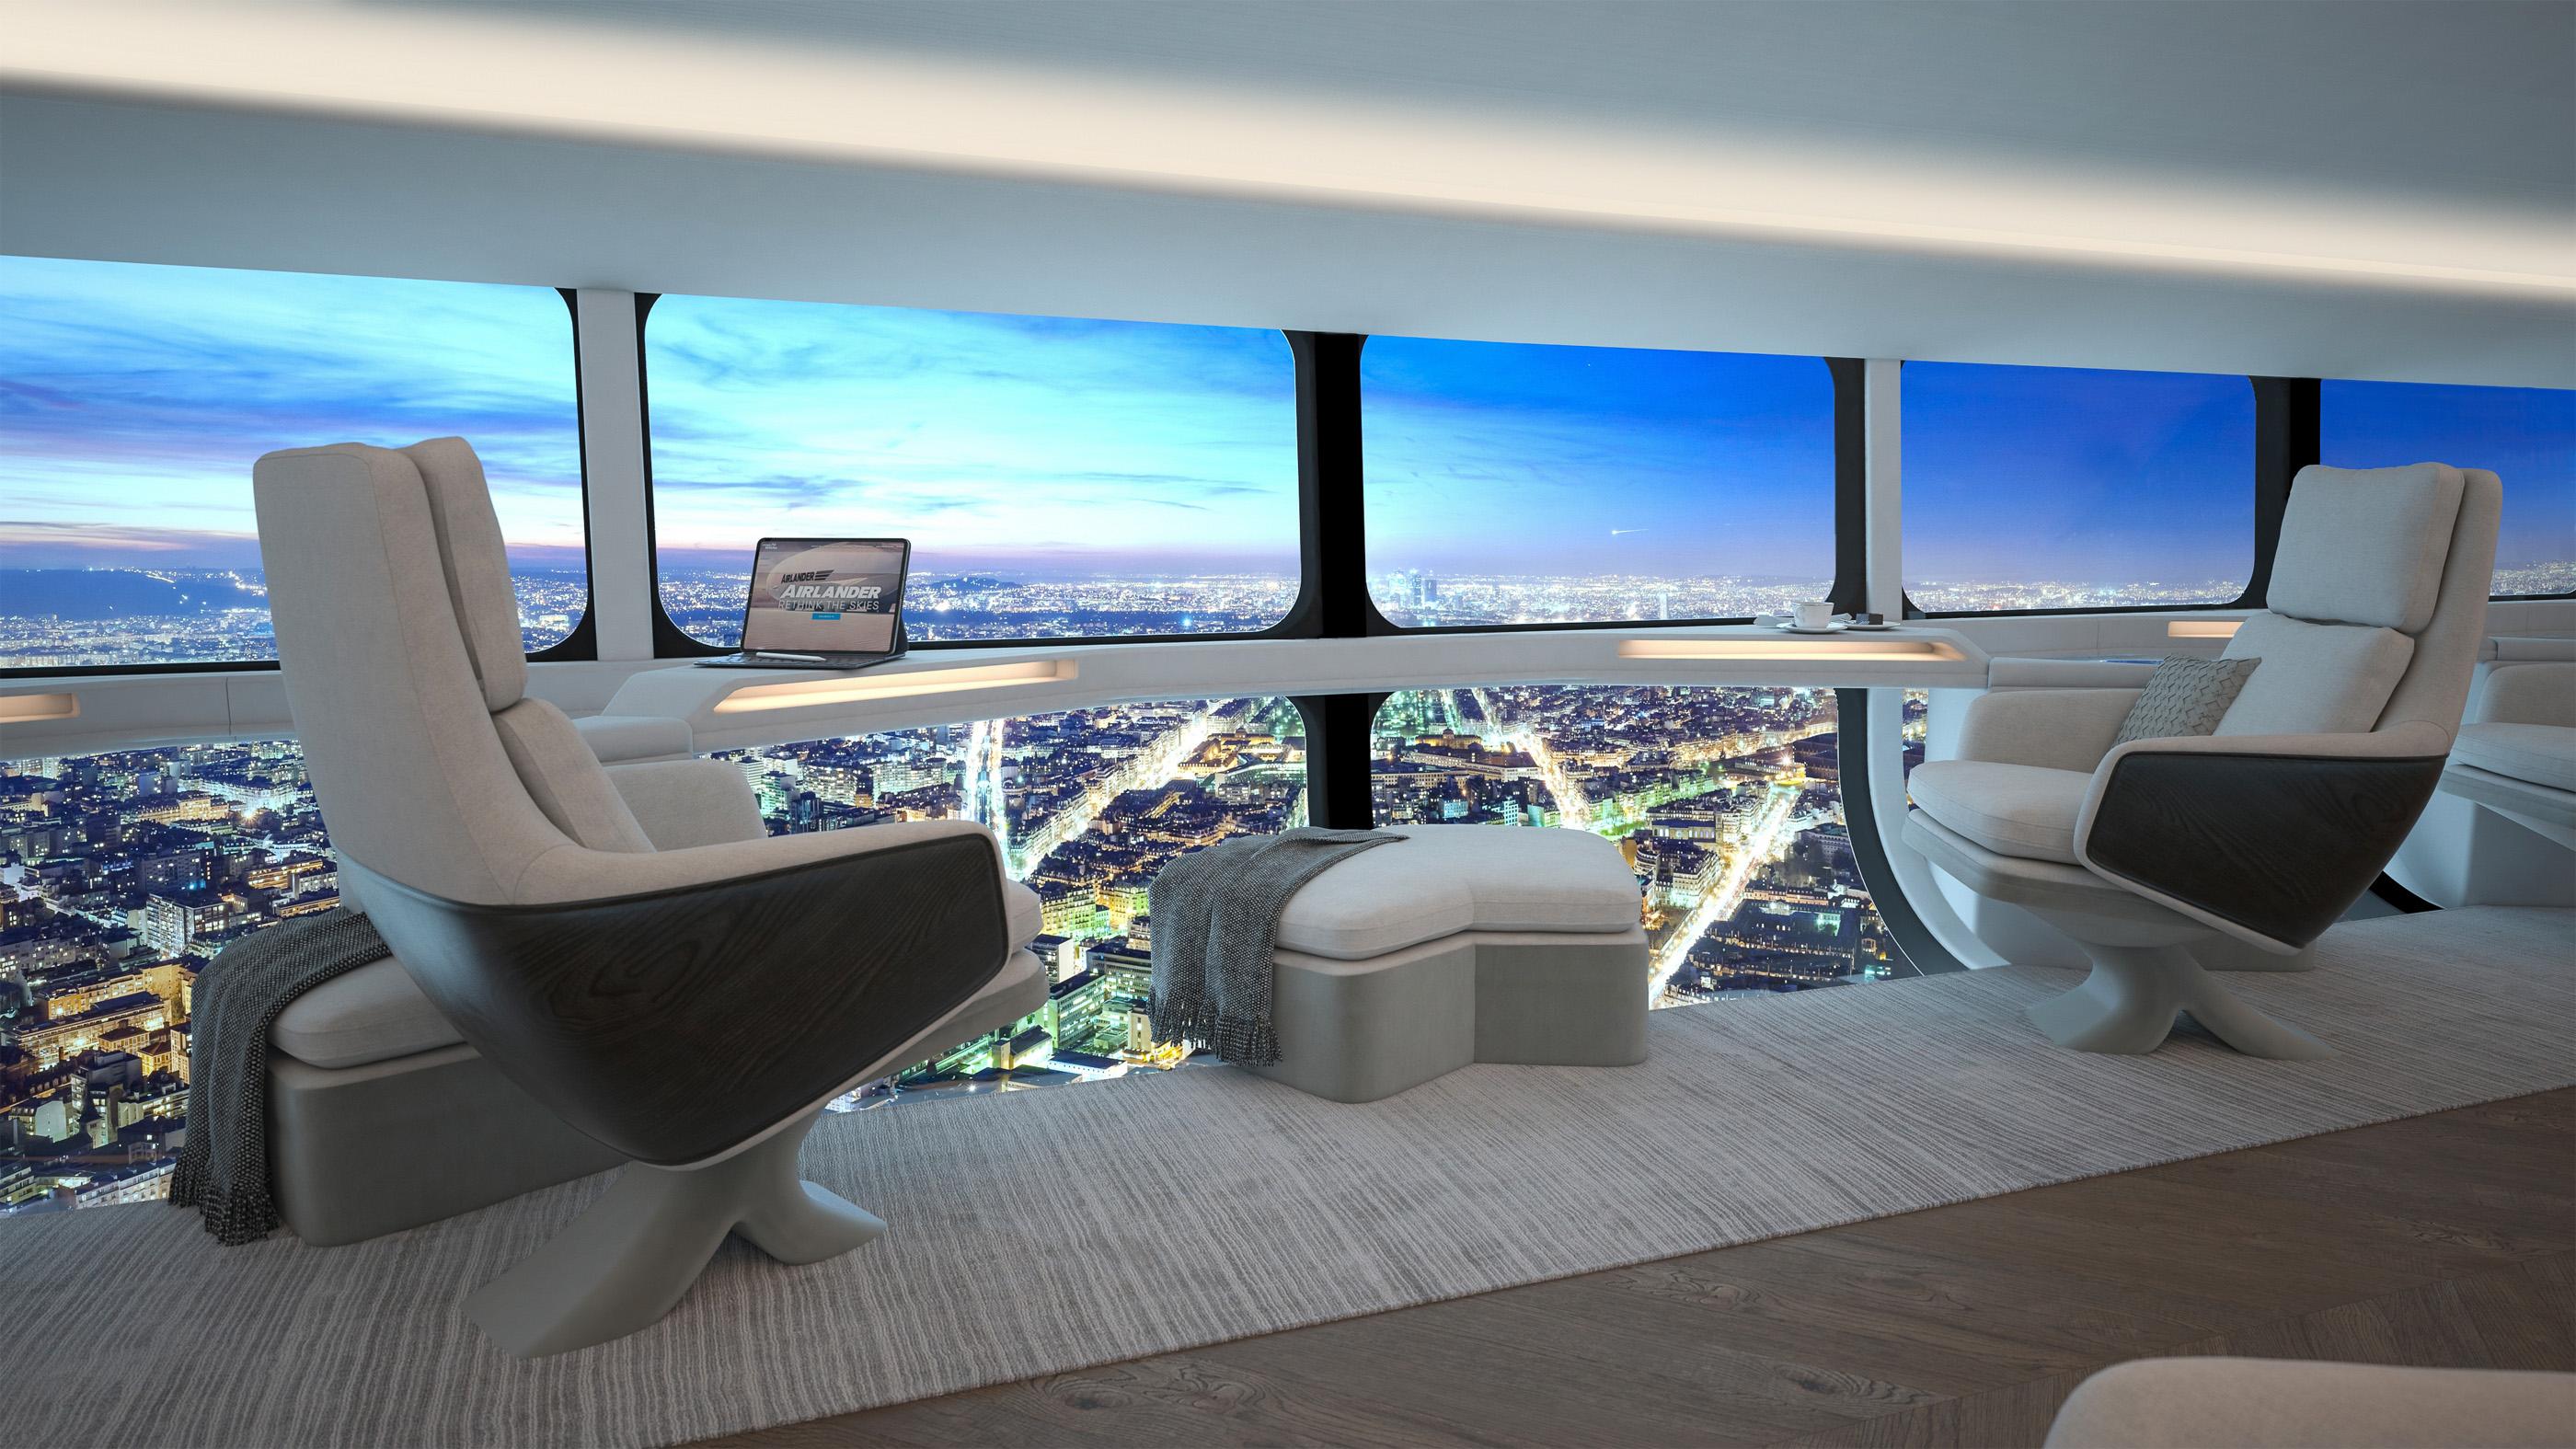 L'Airlander 10 aurait un intérieur spacieux pour des manèges qui pourraient commencer dès 2025.